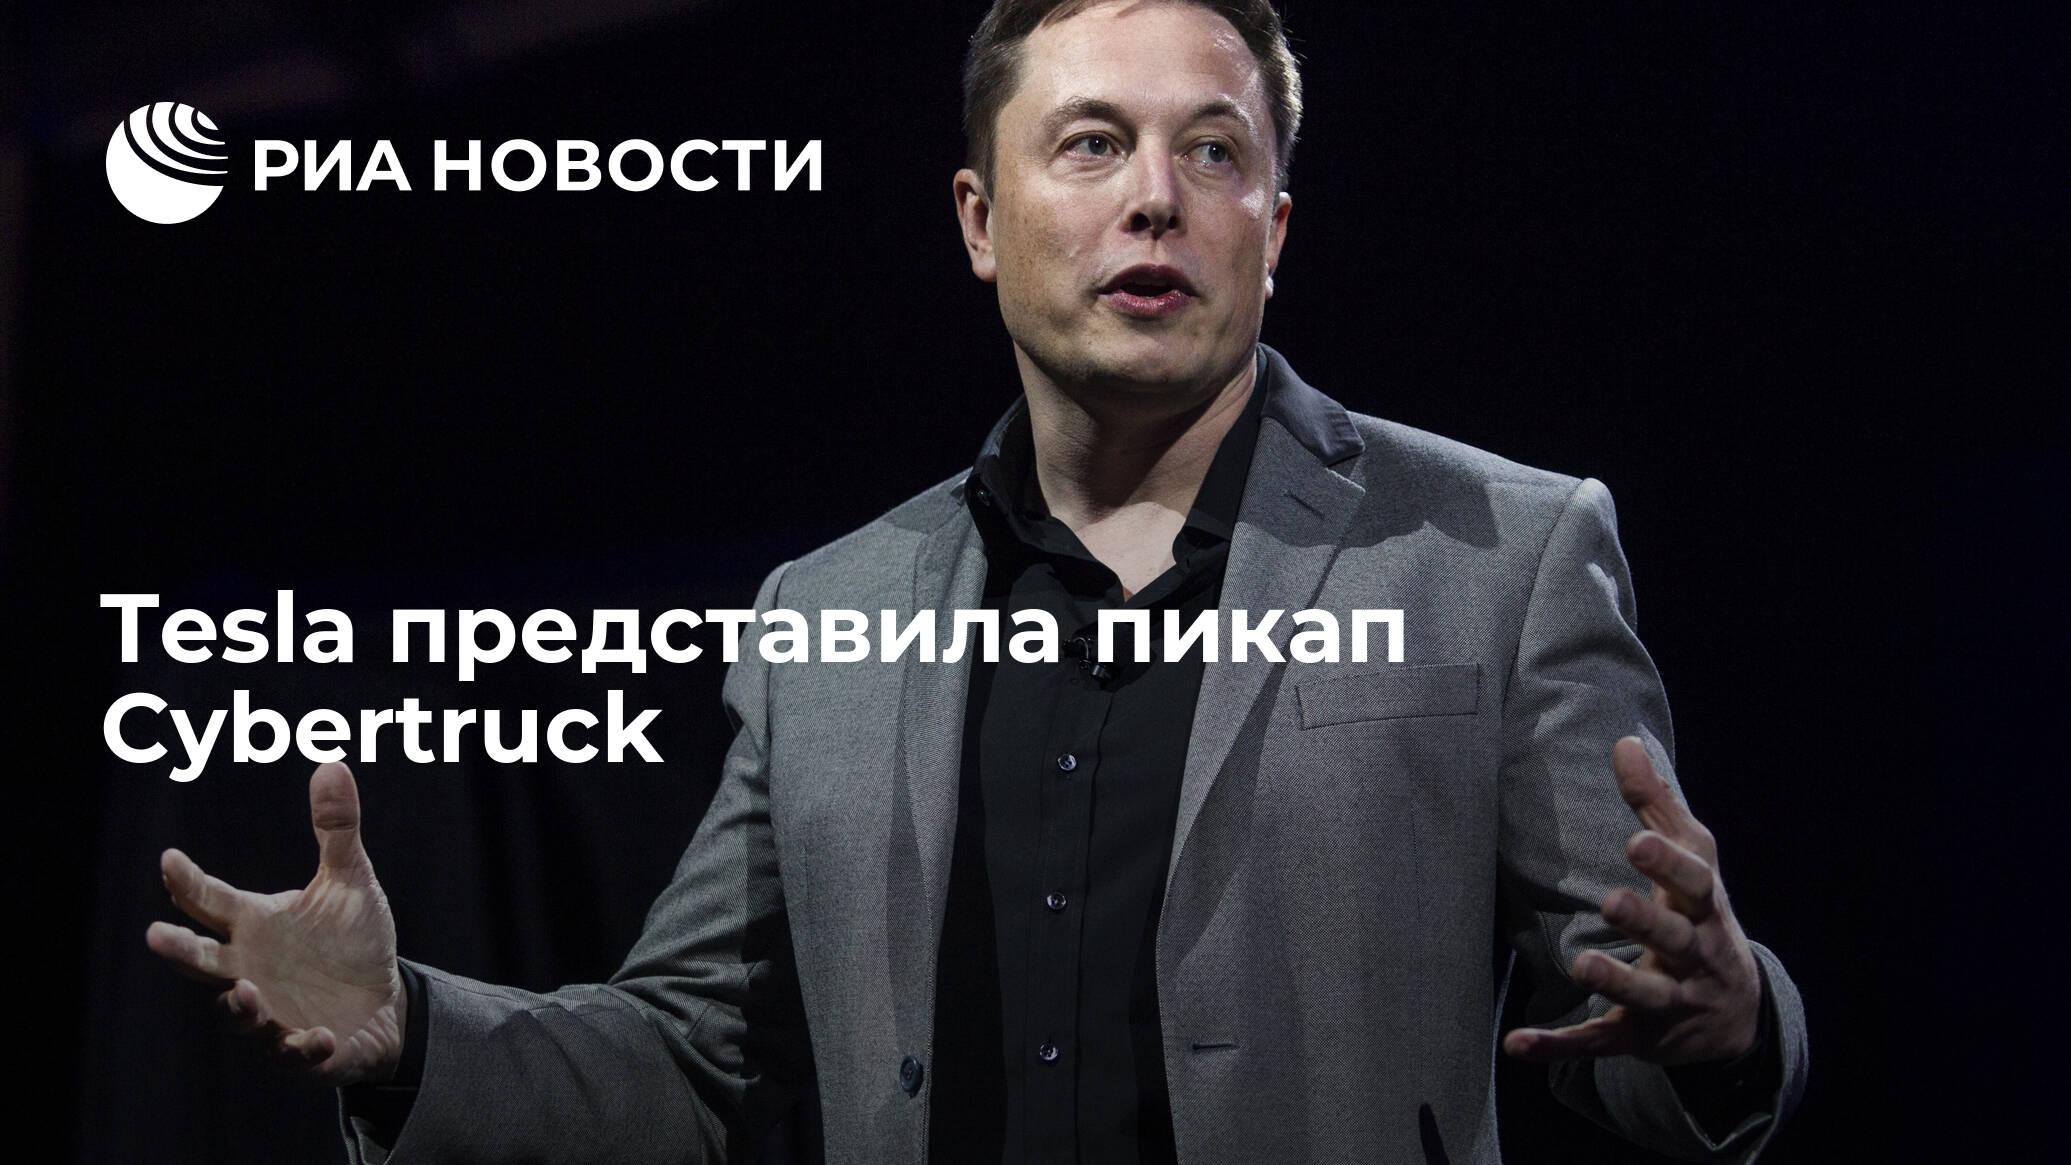 Tesla представила пикап Cybertruck